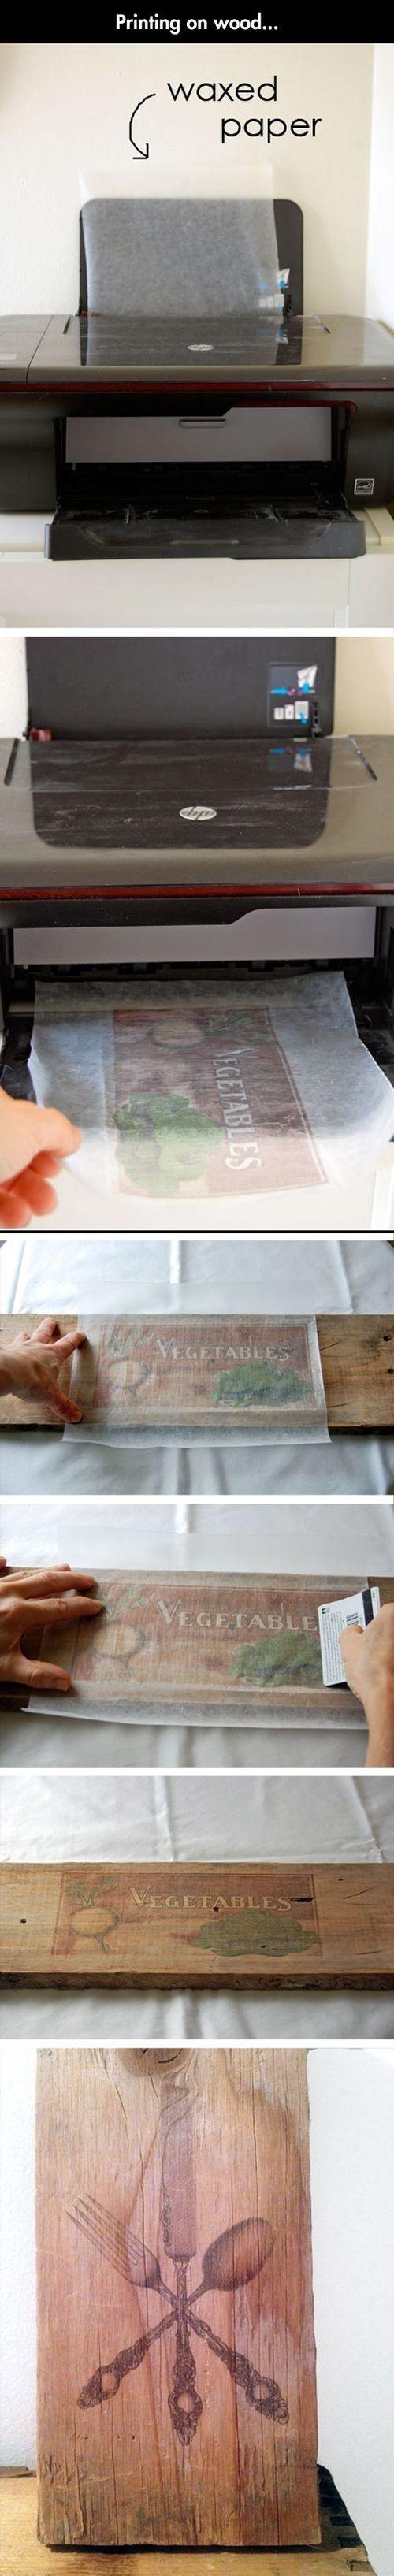 Impresiones sobre madera